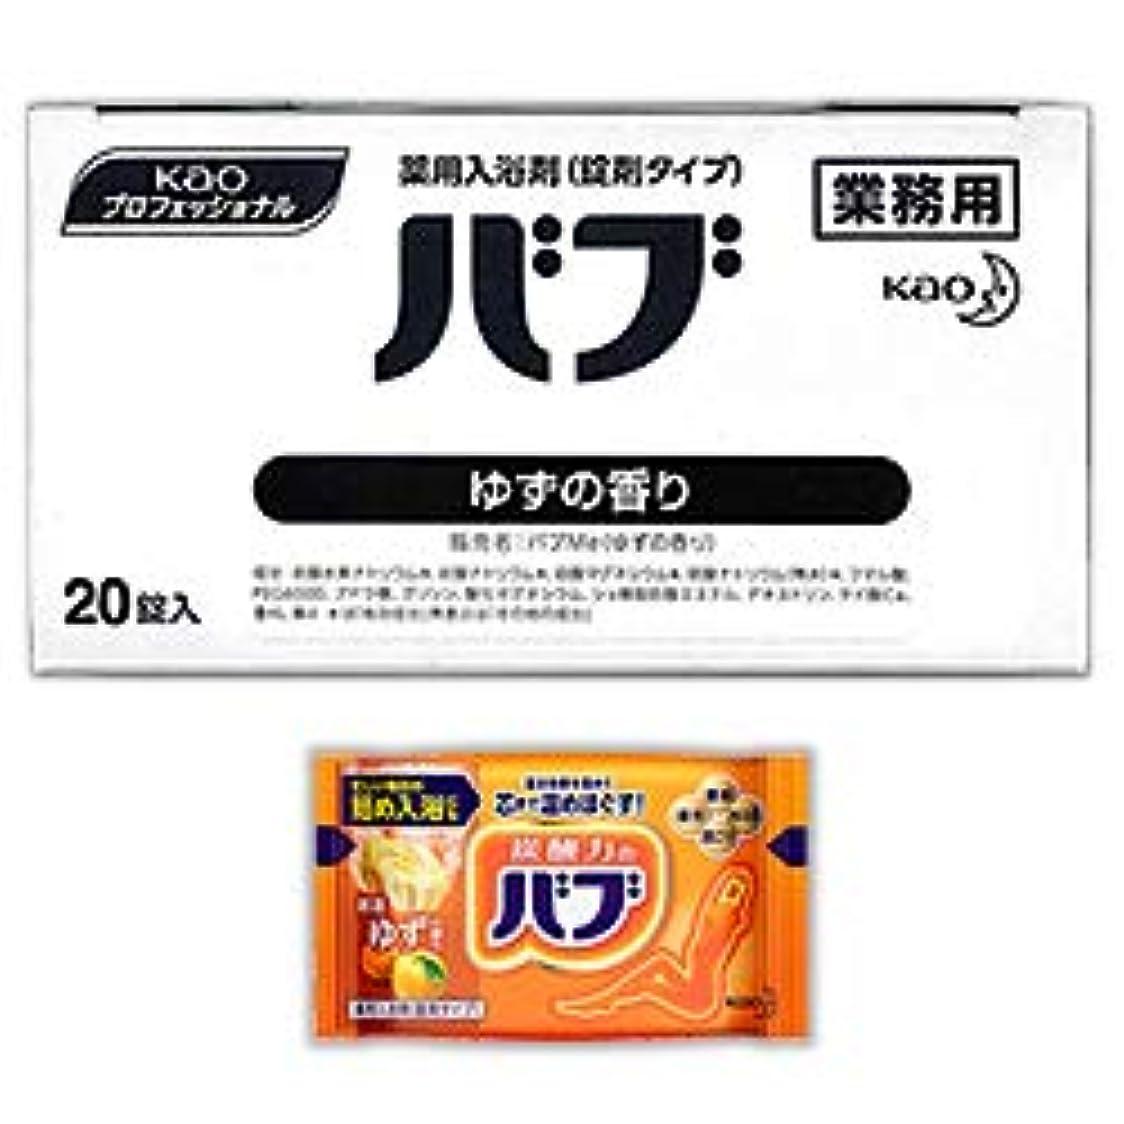 賞提供された性能【花王】Kaoプロフェッショナル バブ ゆずの香り(業務用) 40g×20錠入 ×3個セット